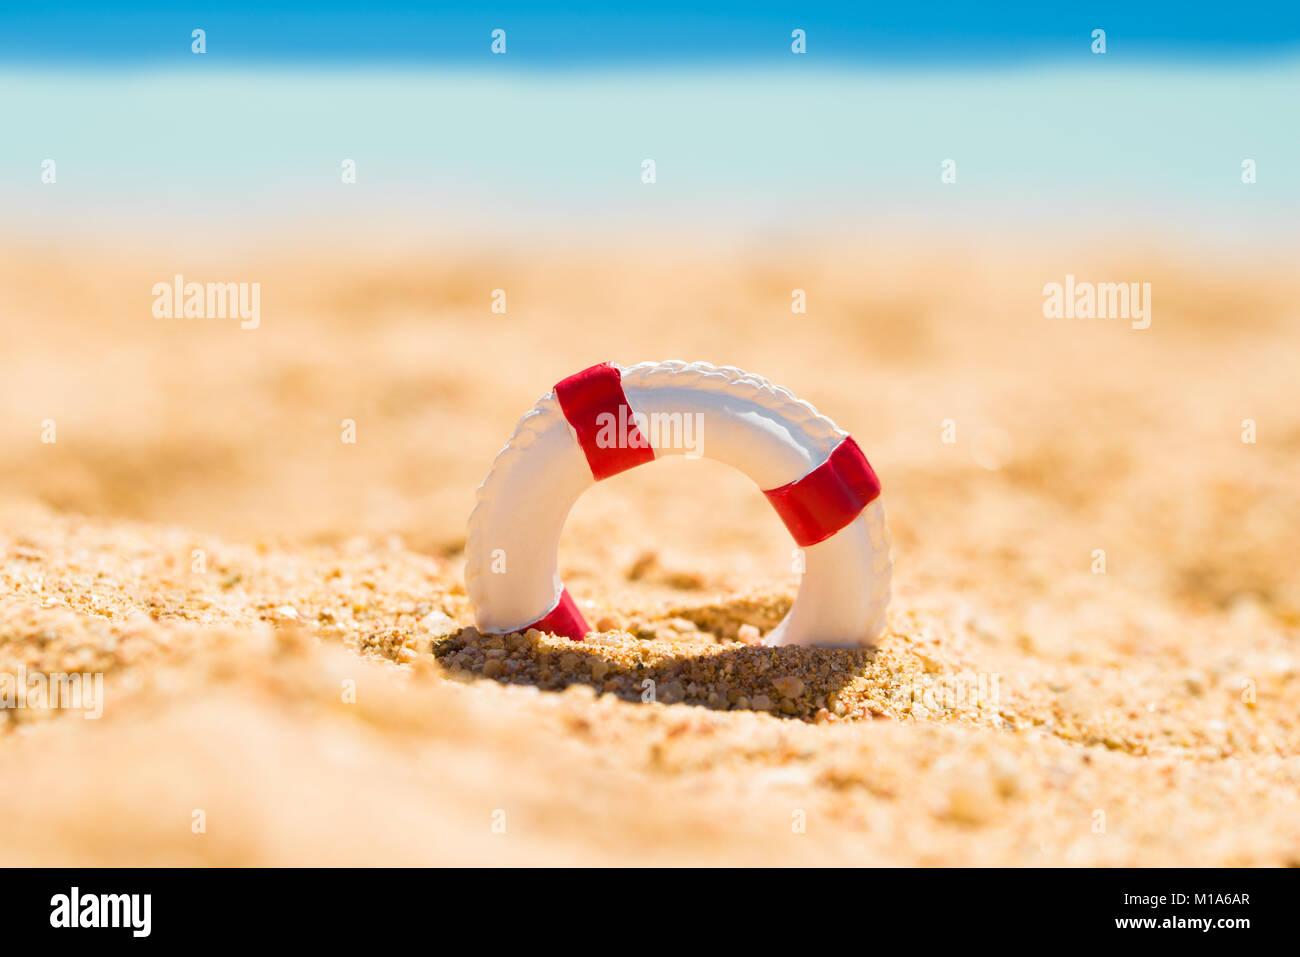 Miniatur Weiß und Rot Rettungsring in Sand am Strand Stockbild